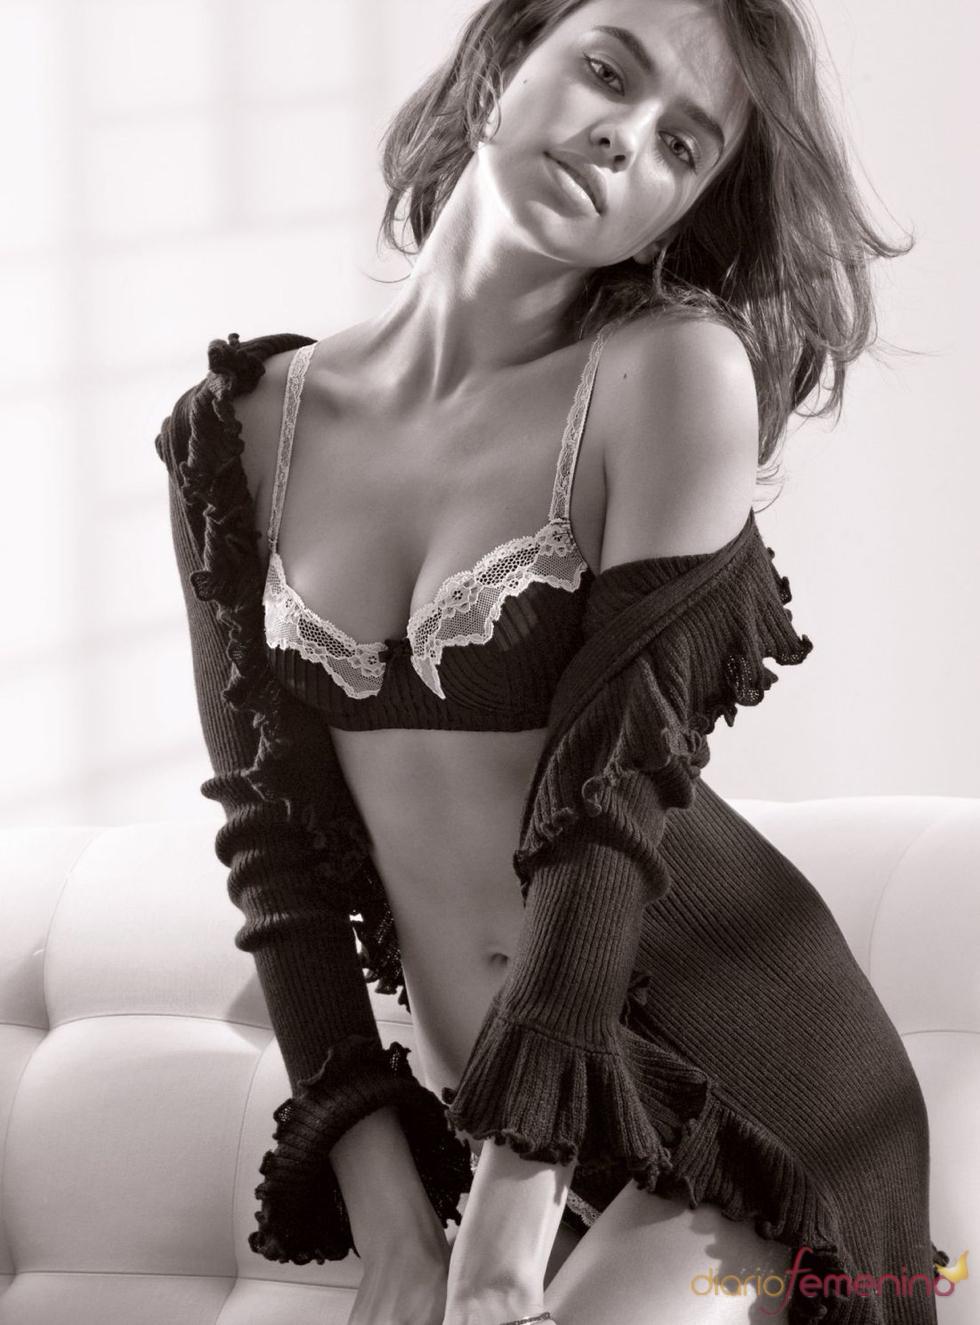 La top model Irina Shayk desnuda